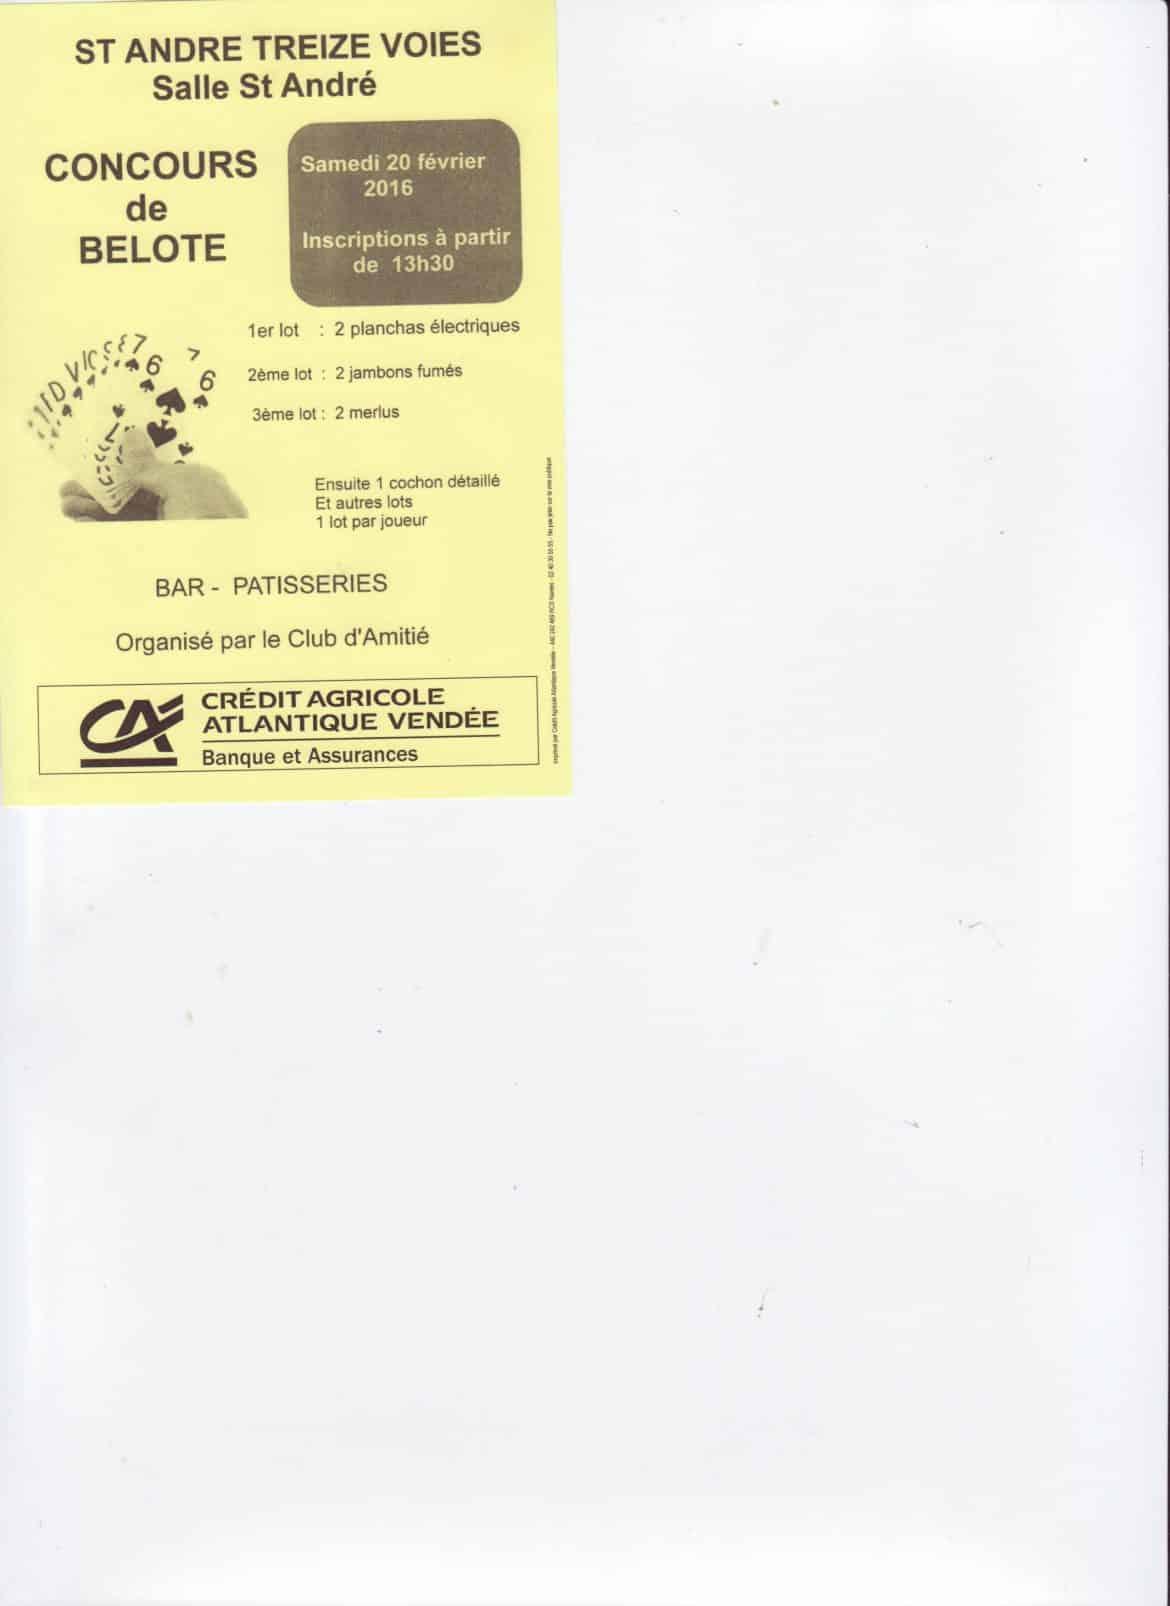 Concours de Belote le 20 Février 2016 à St André Treize Voies 85